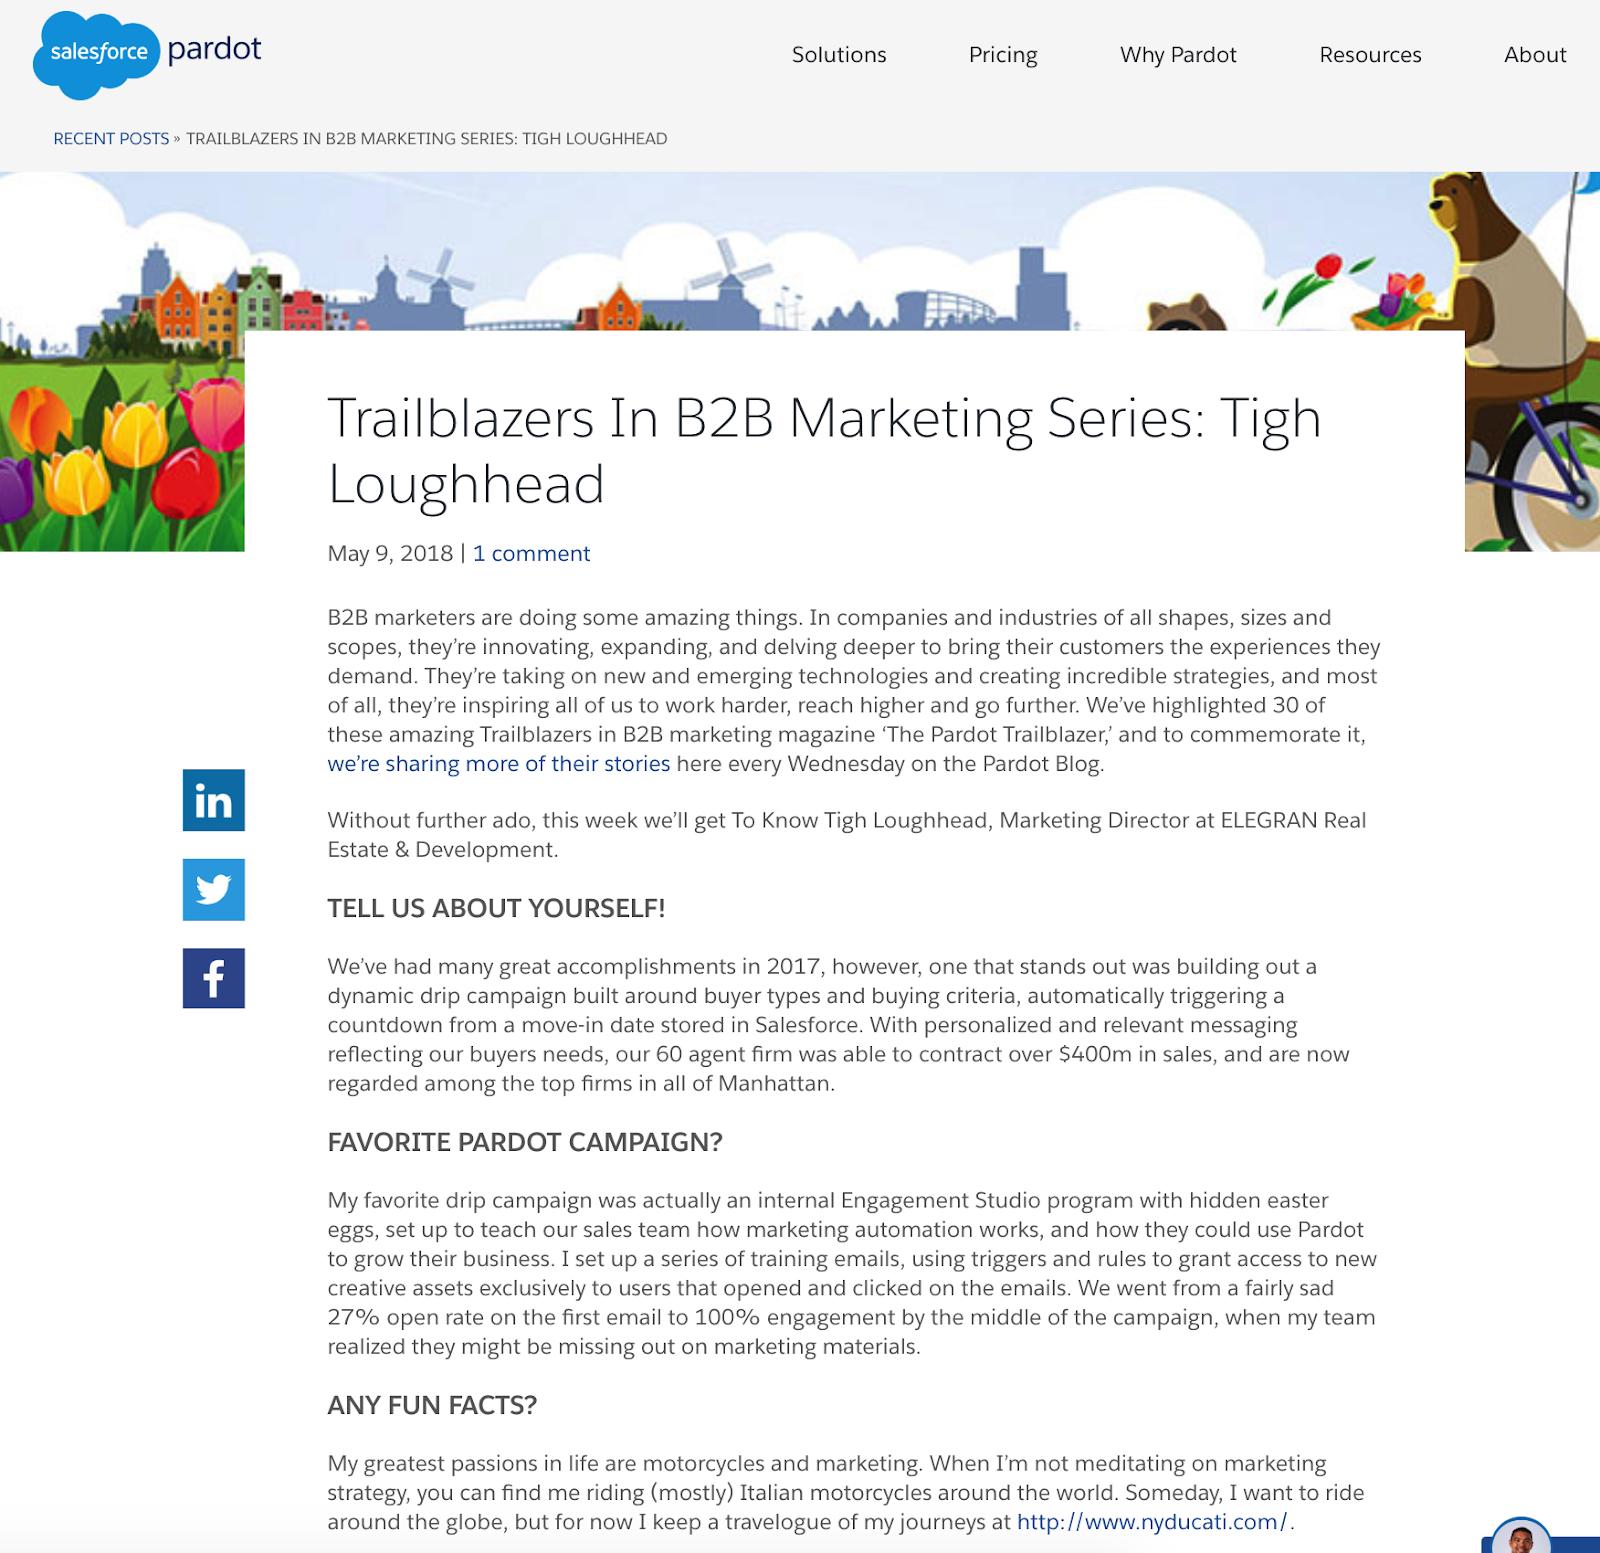 Salesforce Pardot Trailblazers In B2B Marketing Series: Tigh Loughhead